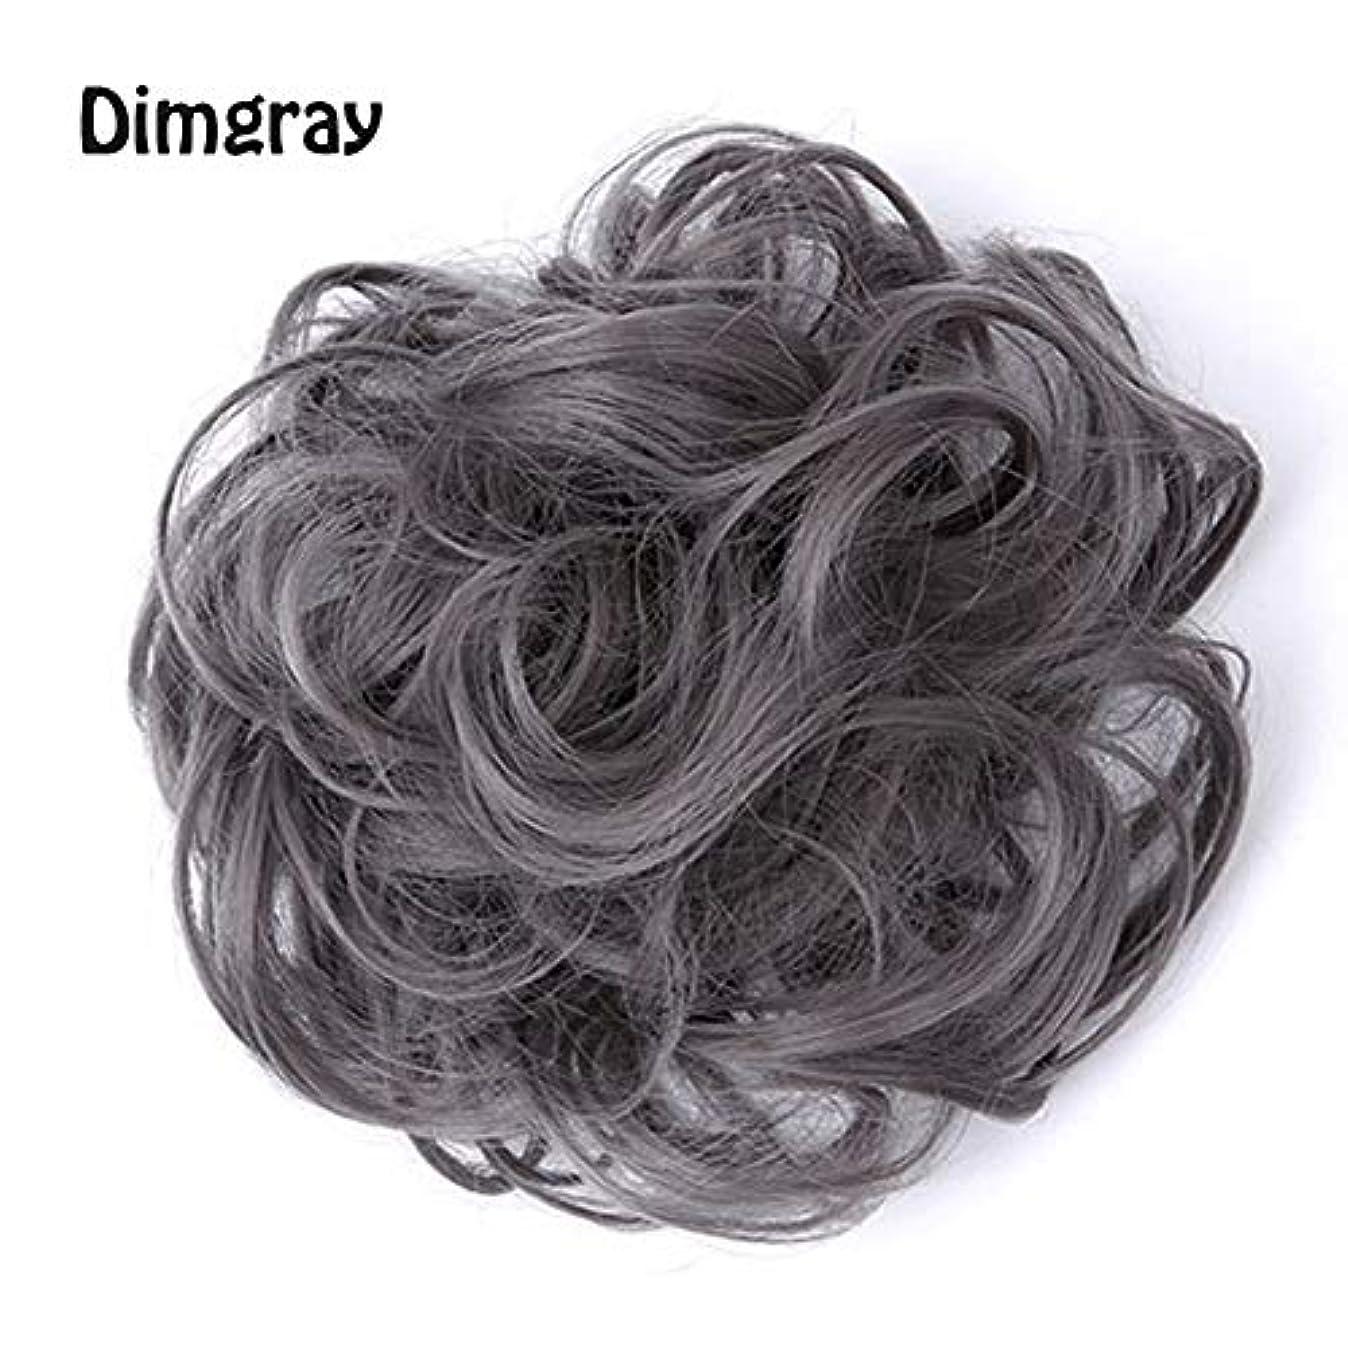 フェードブルジョン概要乱雑な髪のお団子シュシュの拡張機能、ポニーテールシニョンドーナツアップ、女性用カーリー波状リボンアクセサリー